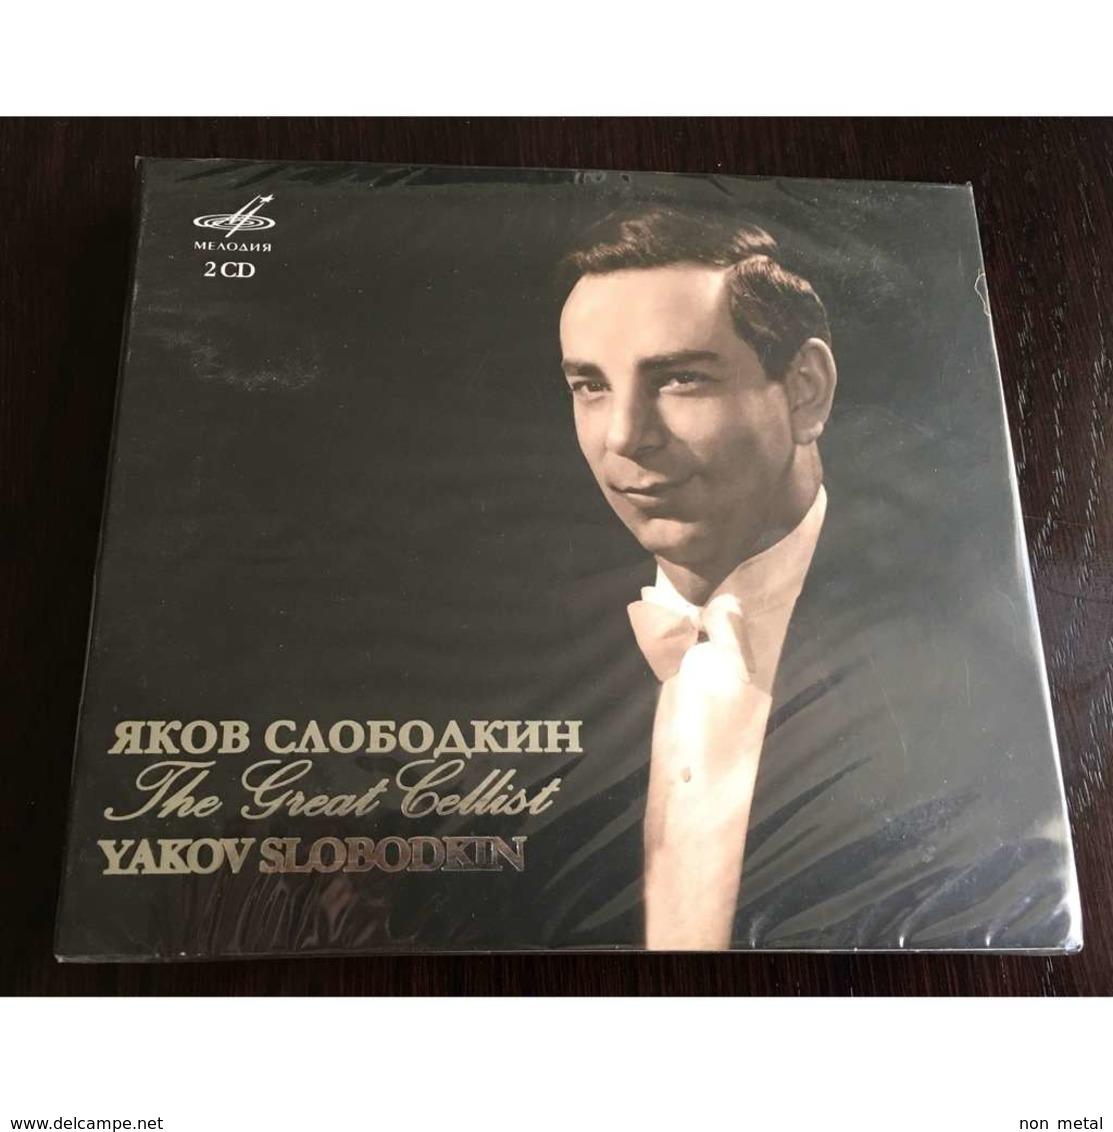 Yakov SLOBODKIN, Cello: Great Cellist Arensky Arutunian Dimitrescu Aivazian Gliere Sibelius Davidoff 2CD, Melodia, New - Klassik